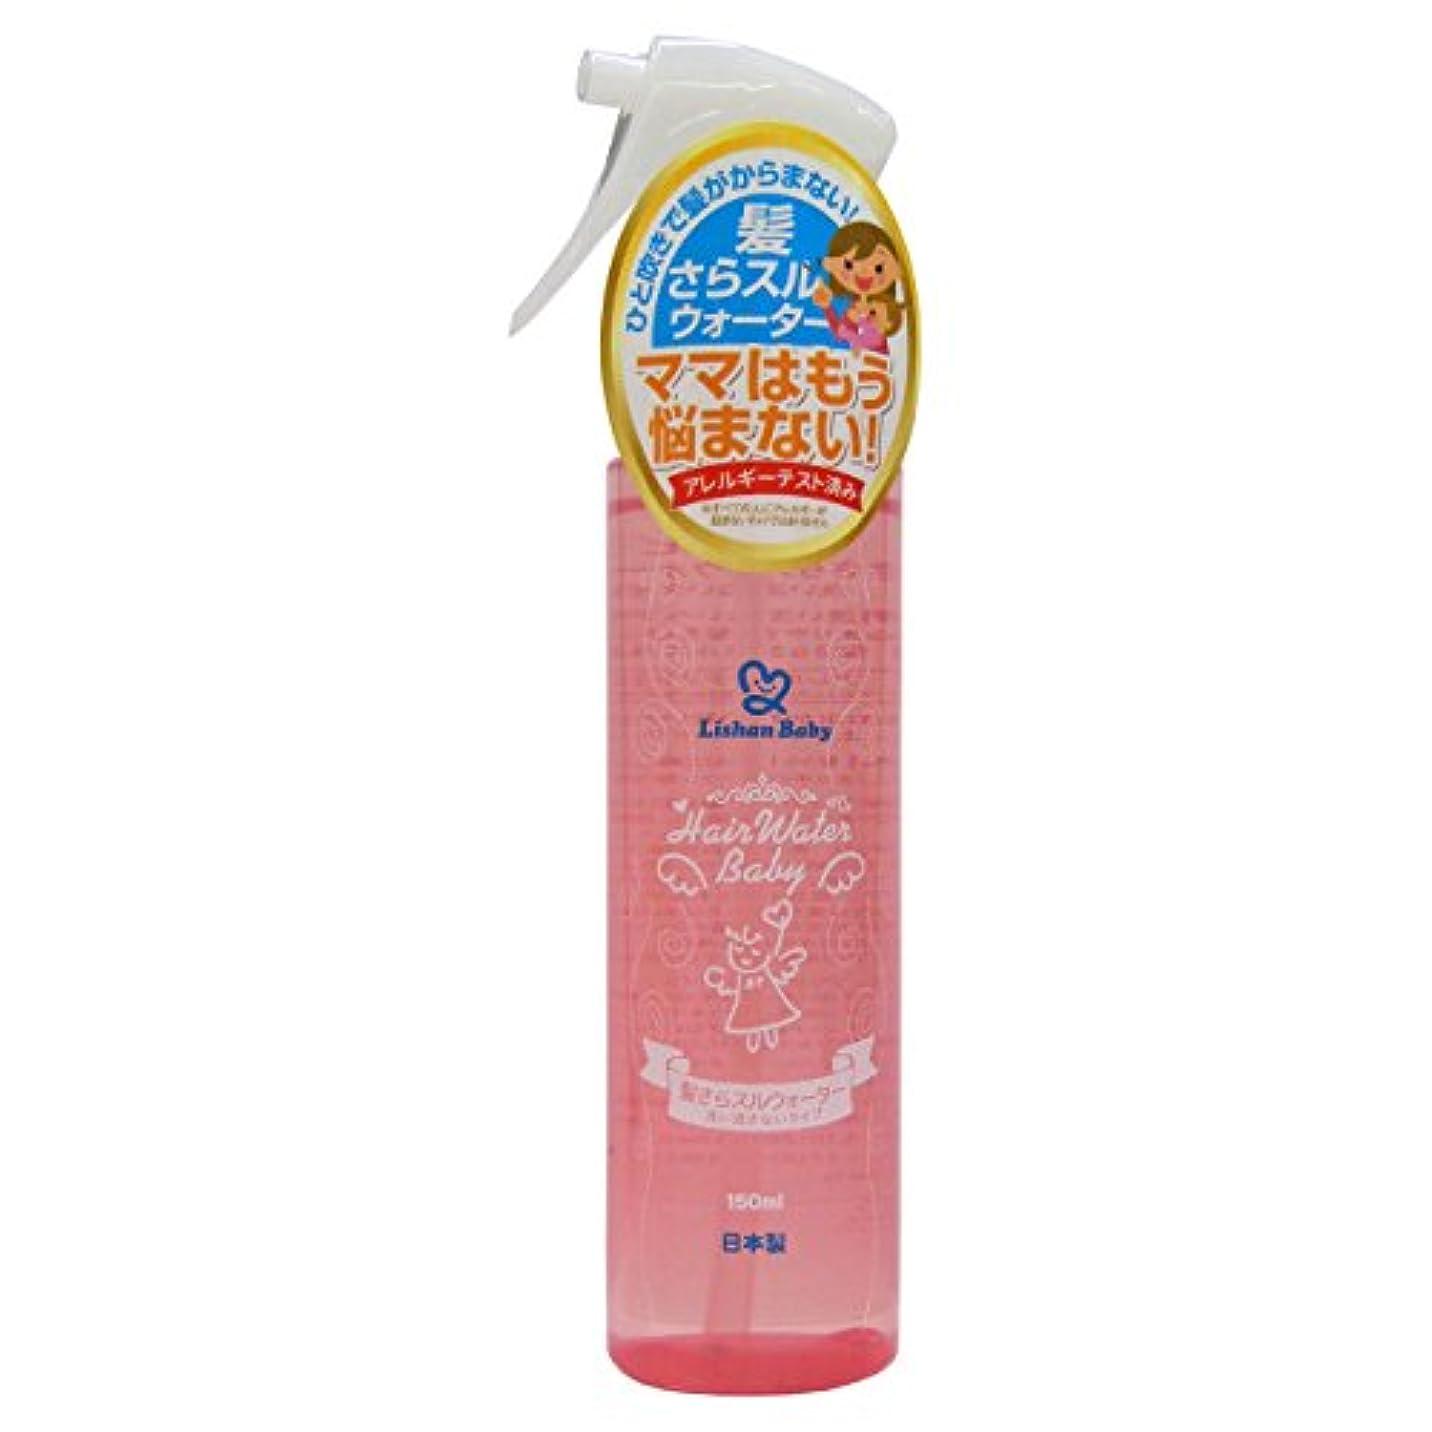 酔うに頼る財産リシャンベビー 髪さらスルウォーター 幼児用 (フローラルの香り) 150mL